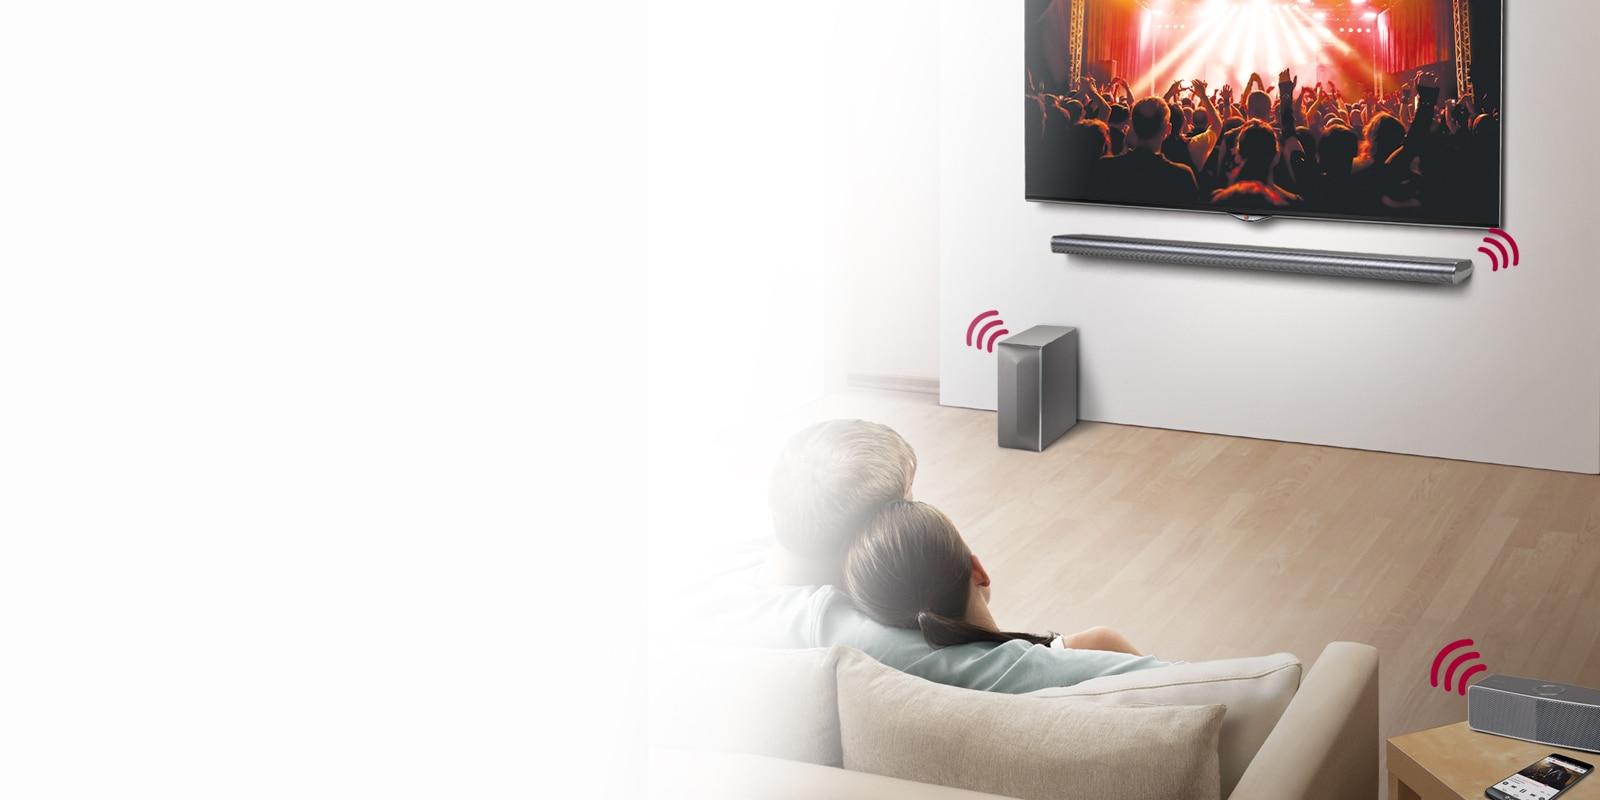 Conexão sem fio com Sound Sync Wireless